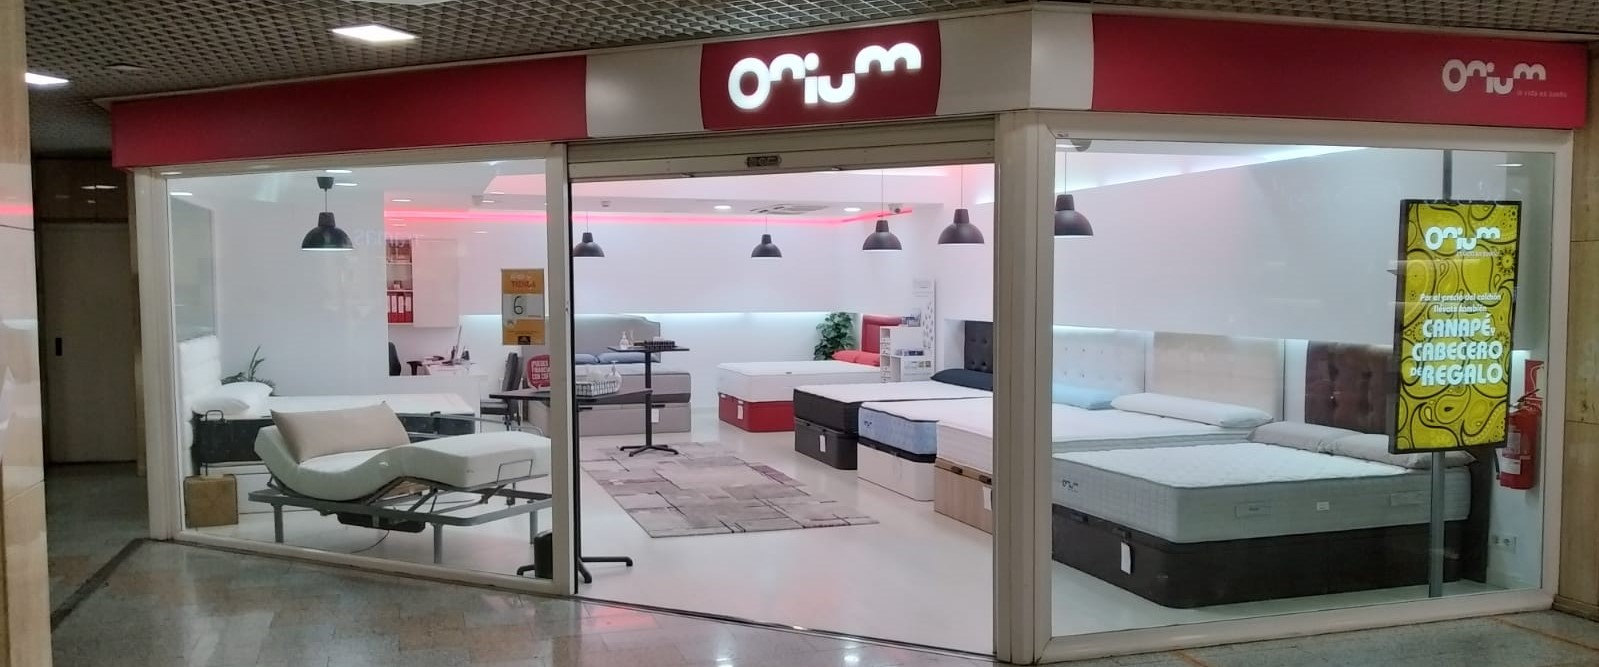 Oniun-tienda